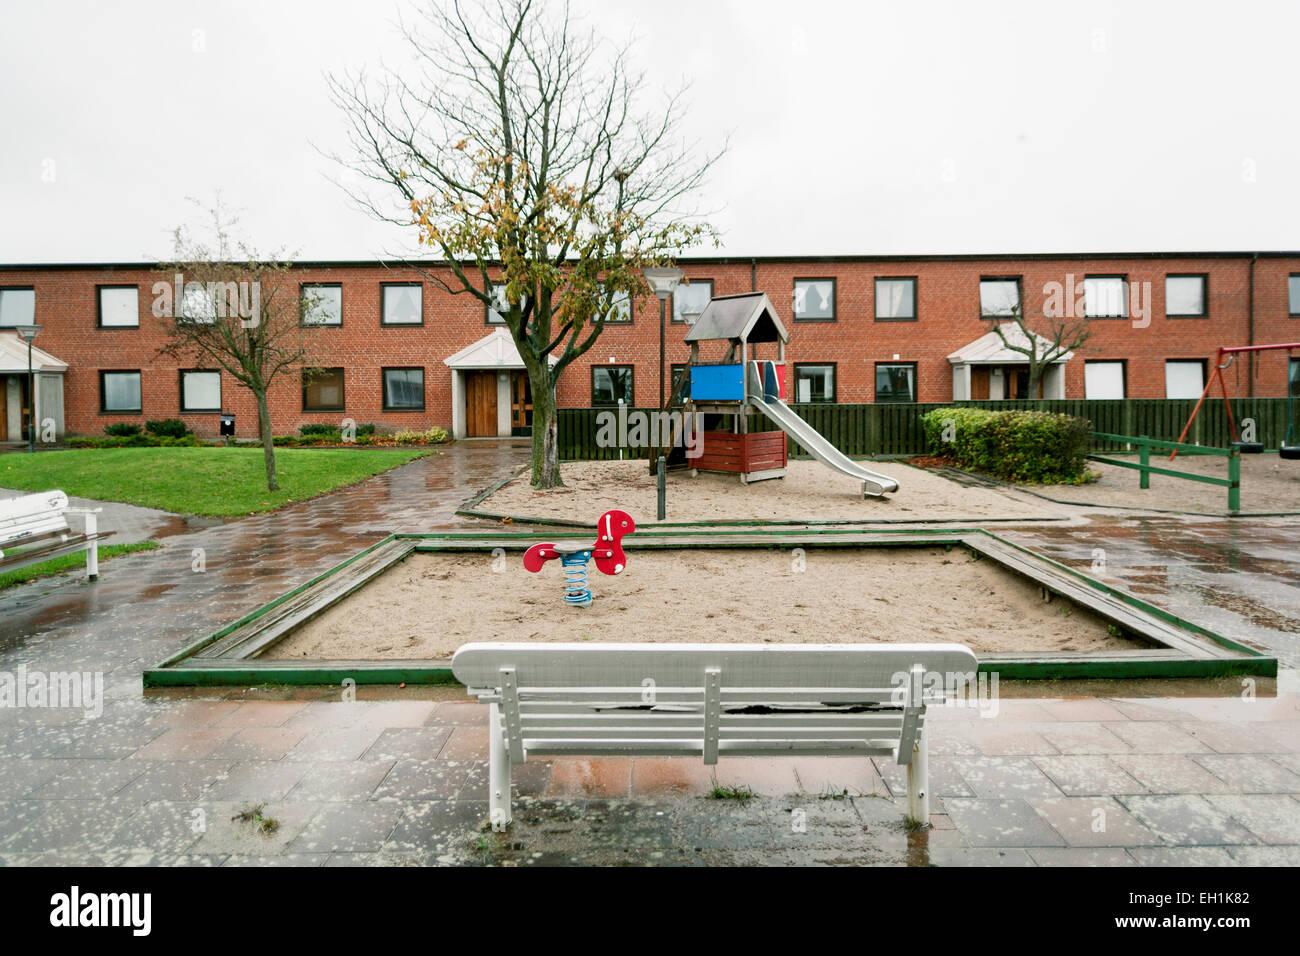 Parco giochi vuota durante la stagione delle piogge Immagini Stock